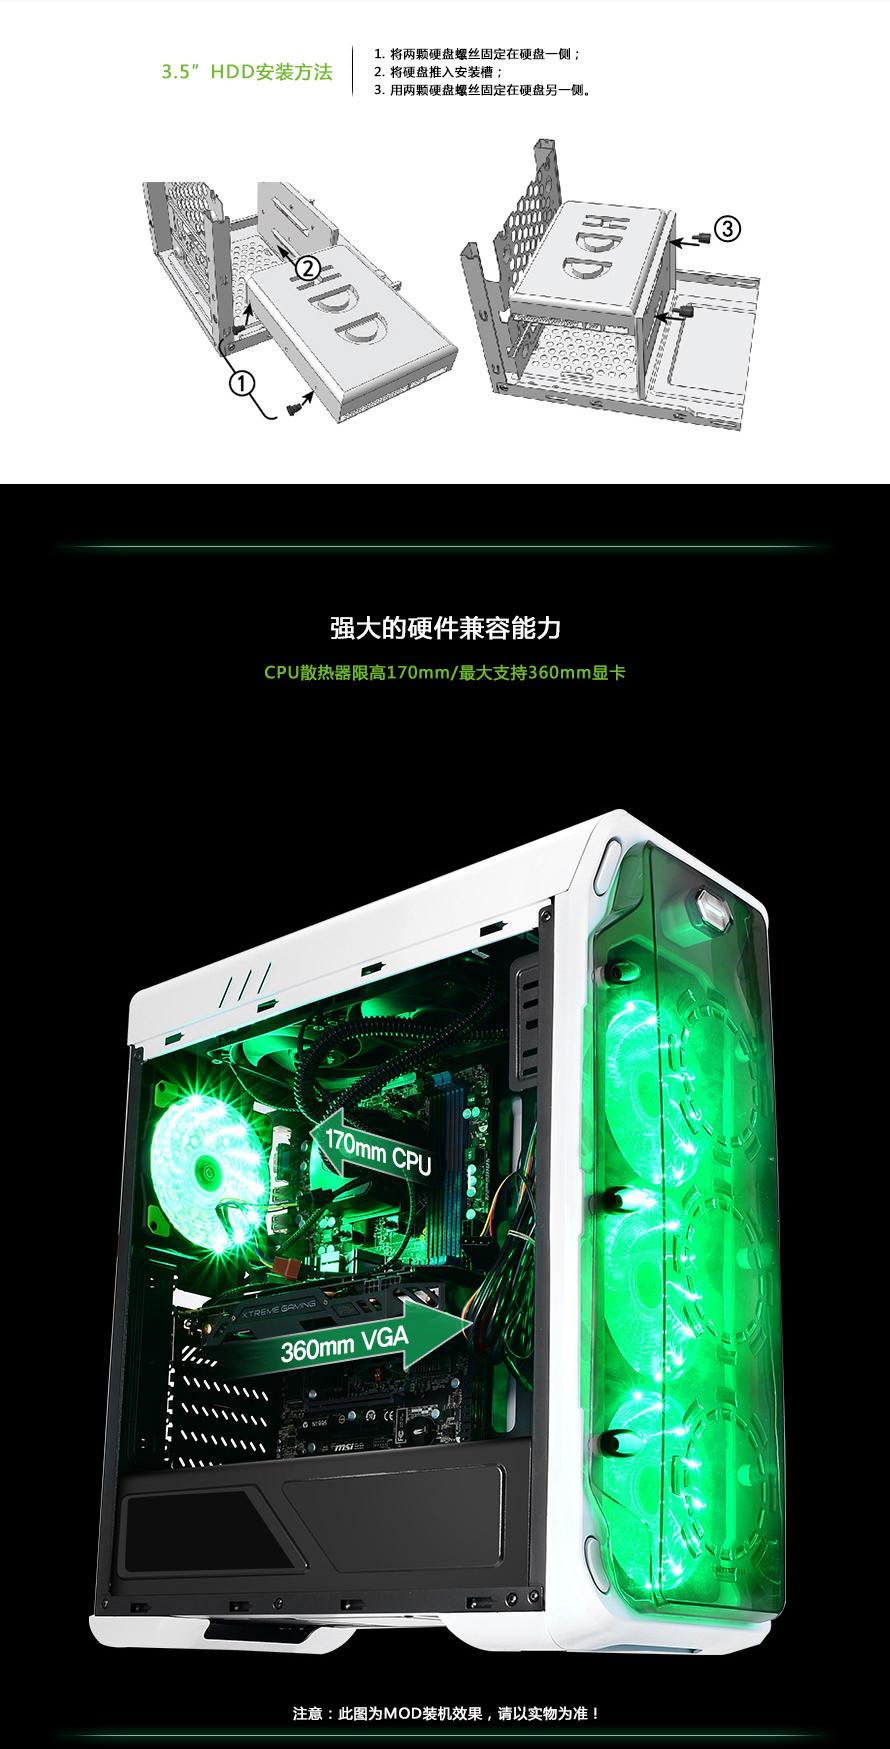 中文_08.jpg